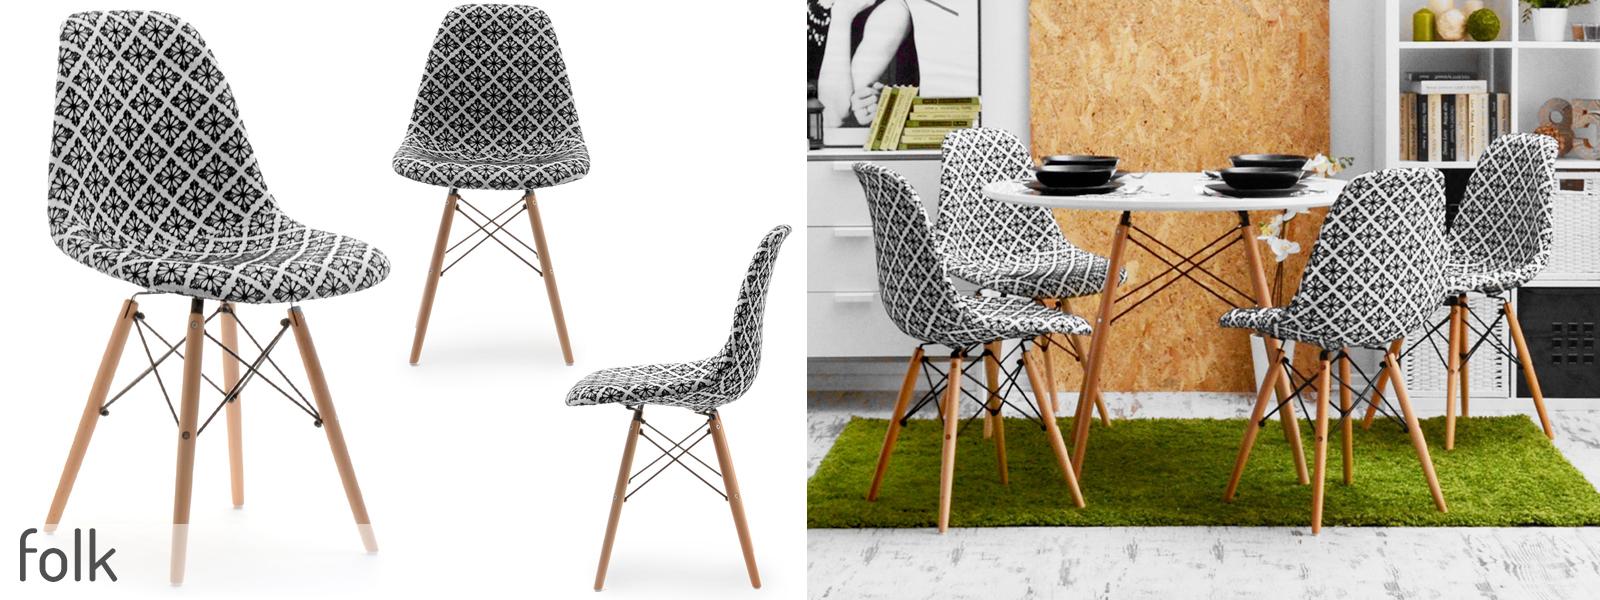 Tapicerowane krzesło drewniane nogi mpc wood wzory 7241799390